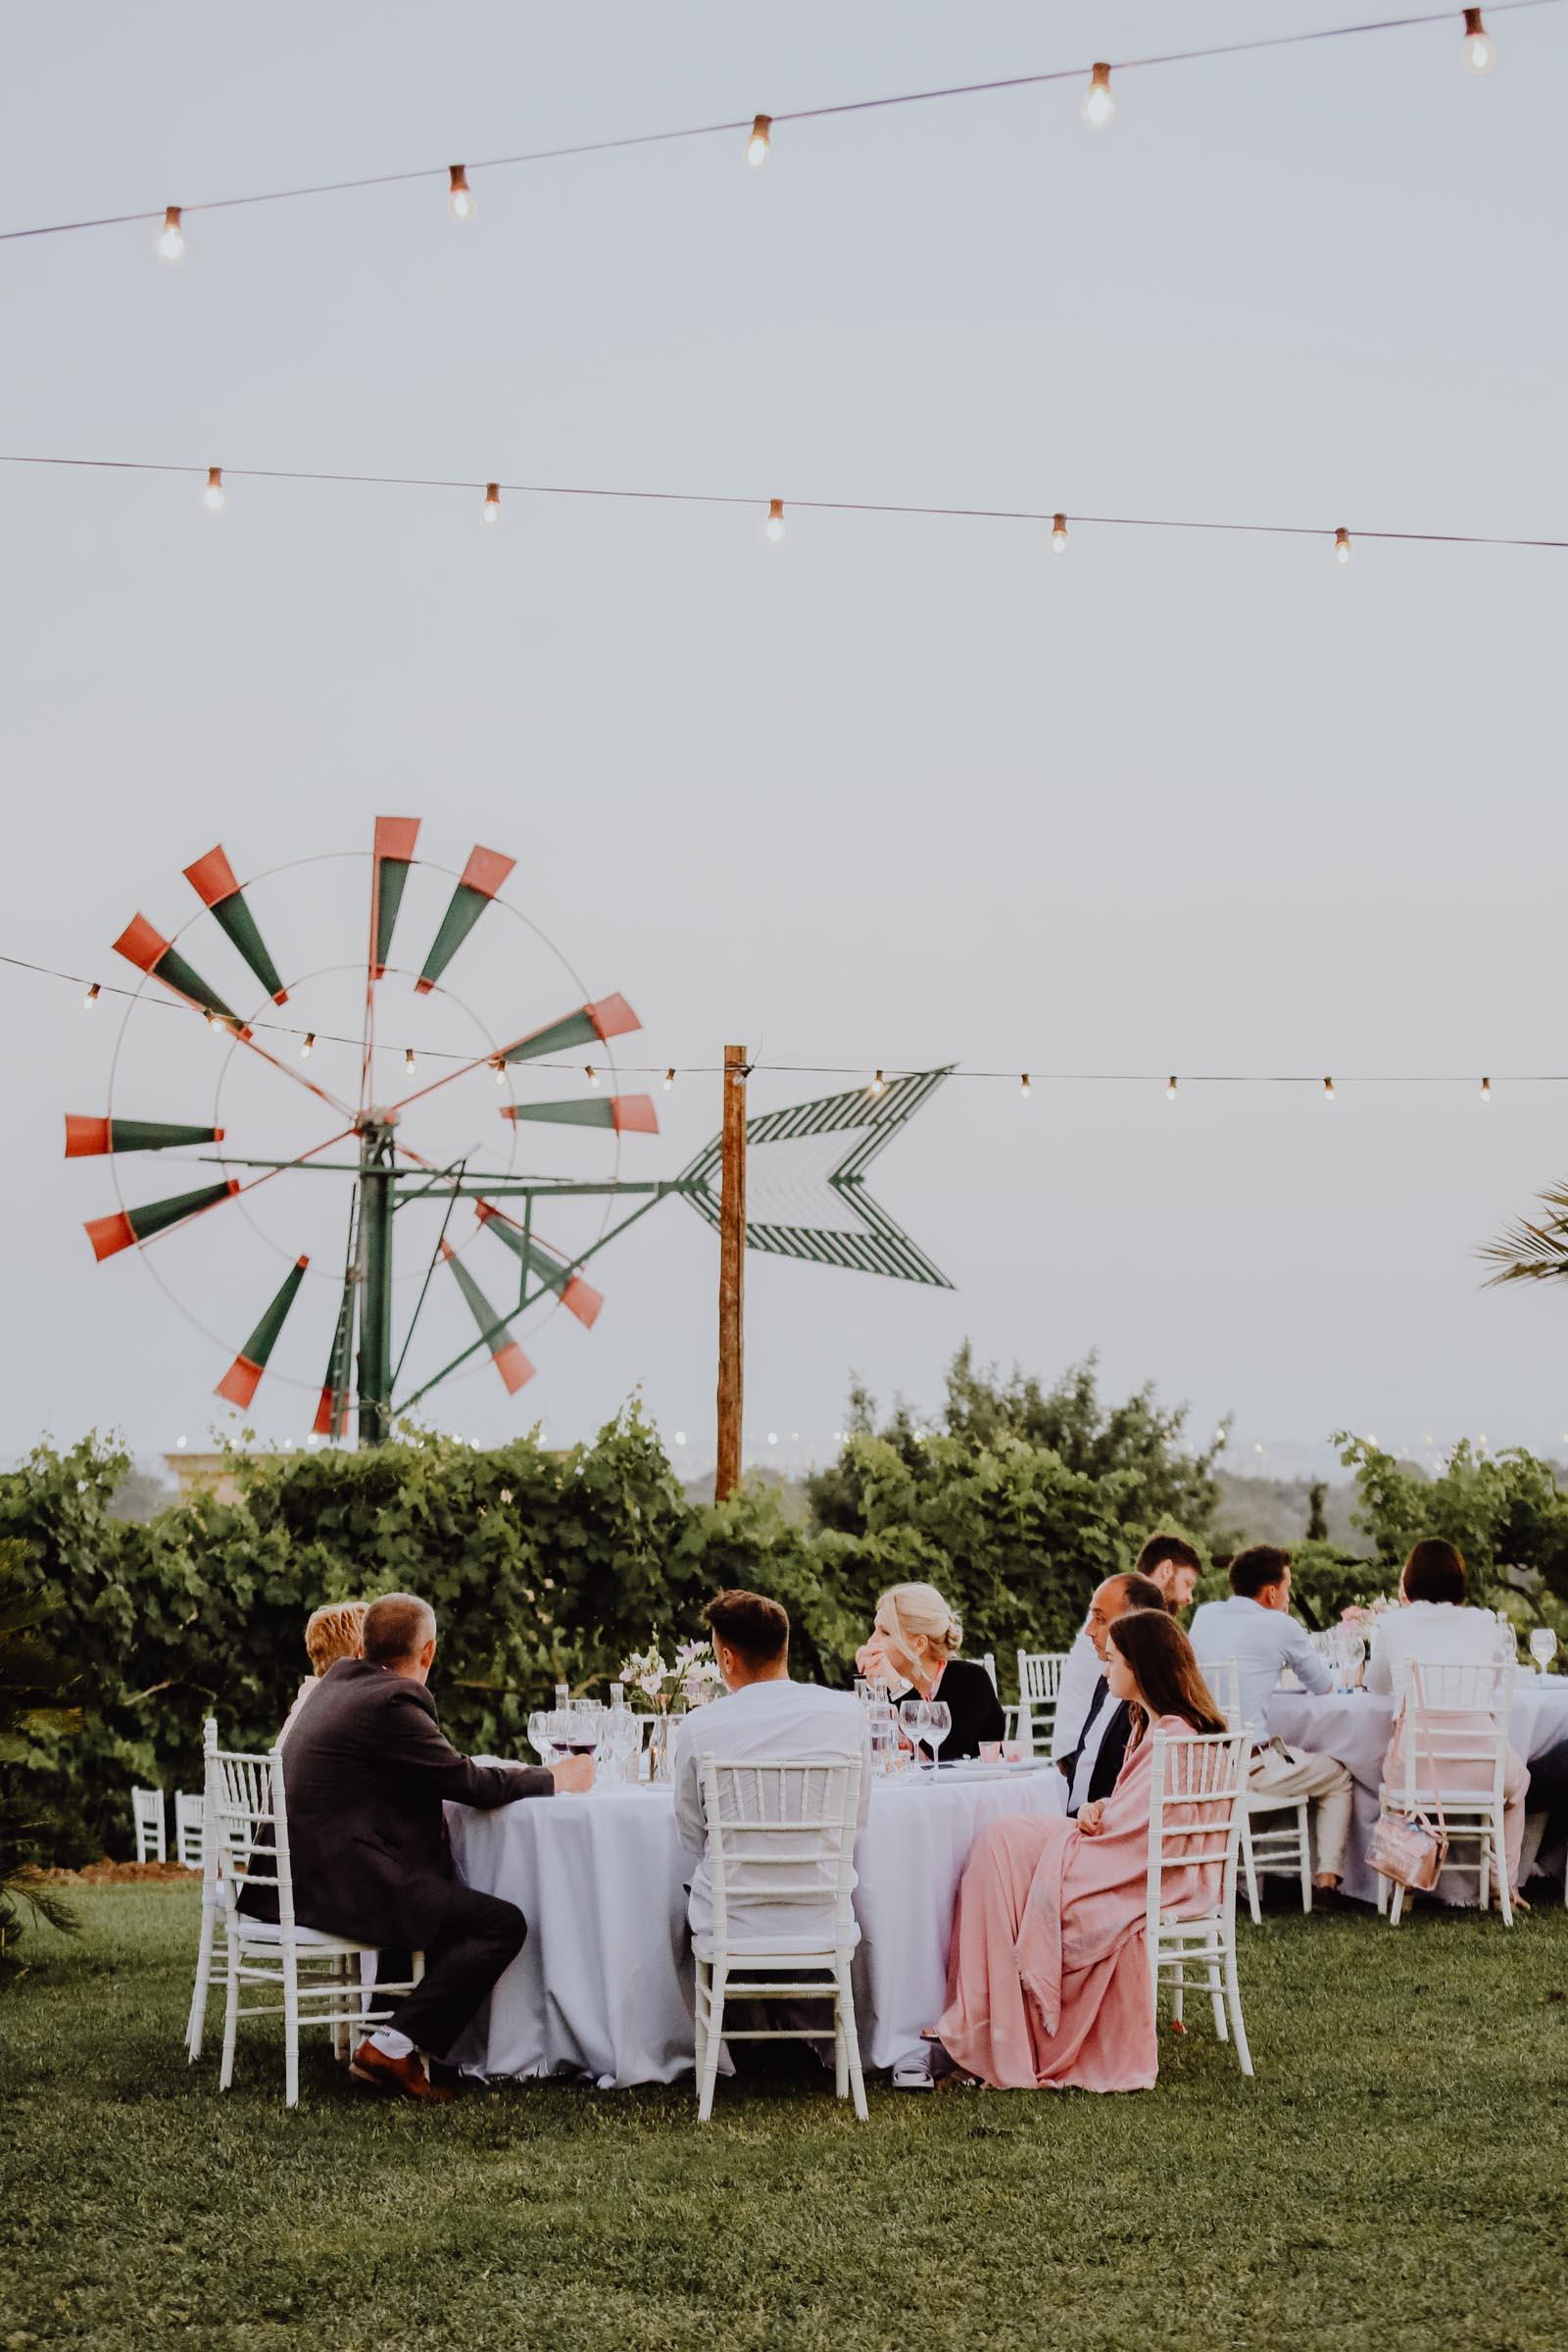 Menschen sitzend am Tisch mit Windrad im Hintergrund